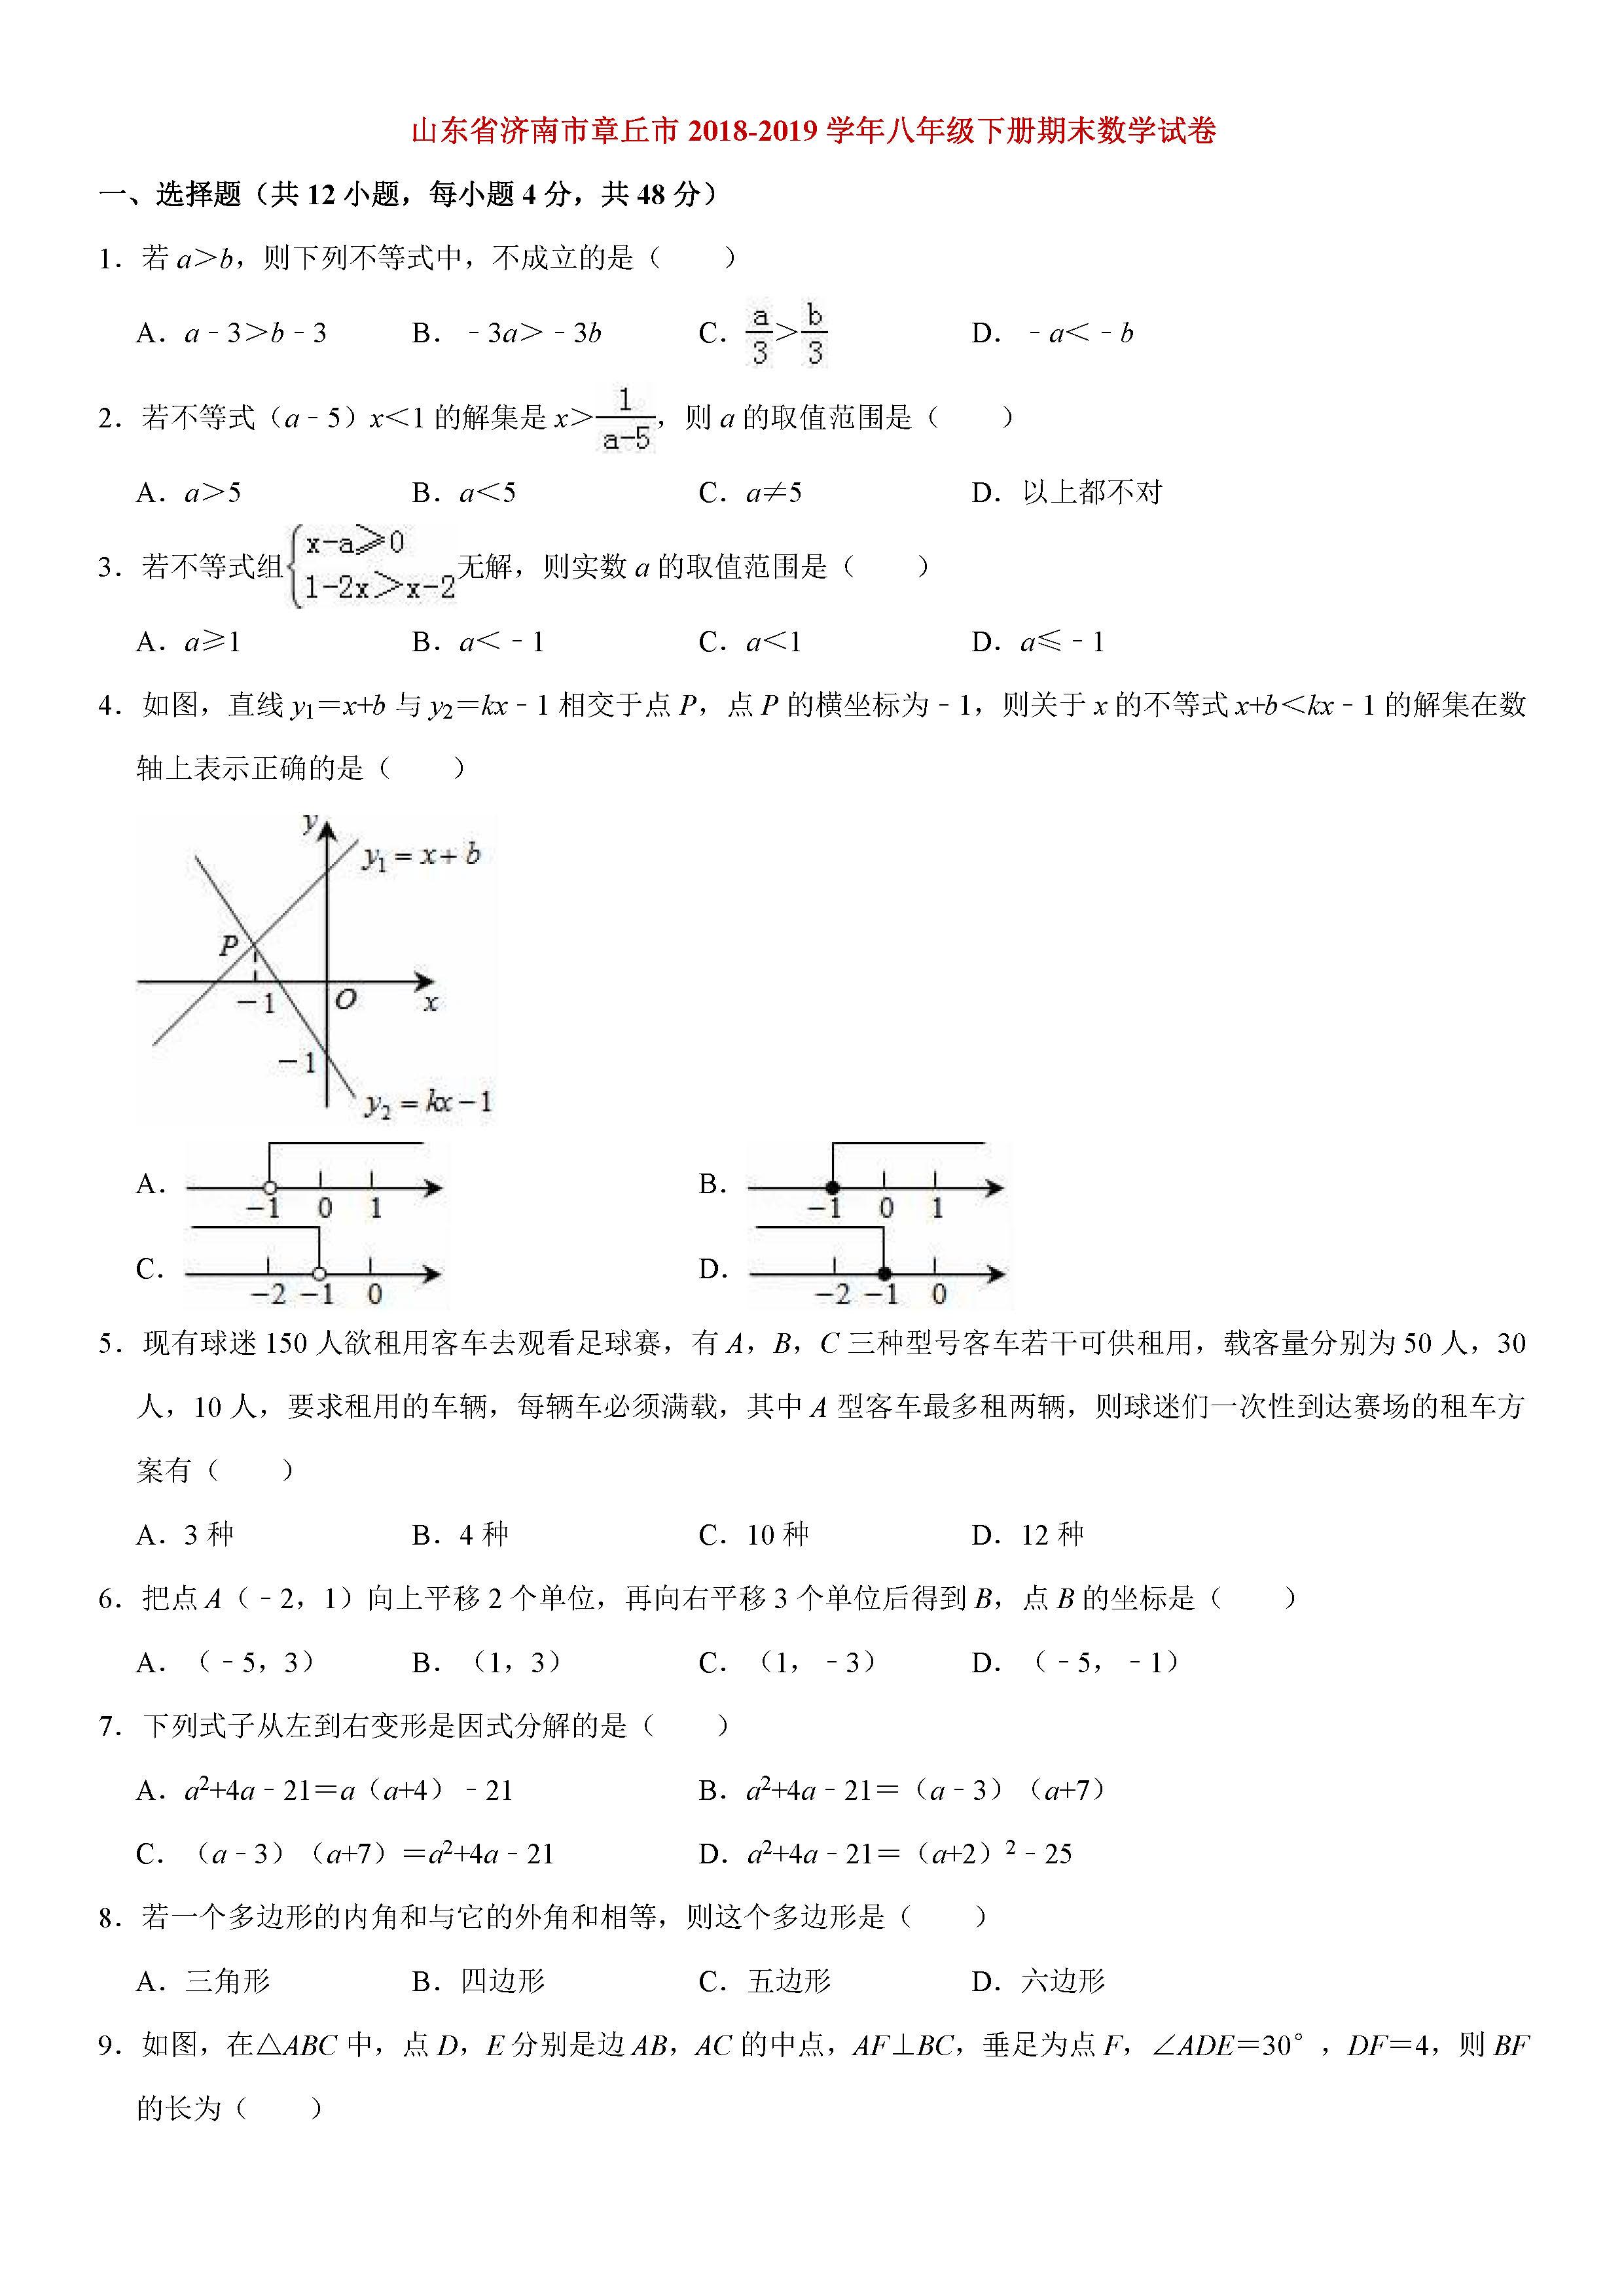 济南市章丘市2018-2019八年级数学下册期末测试题含解析